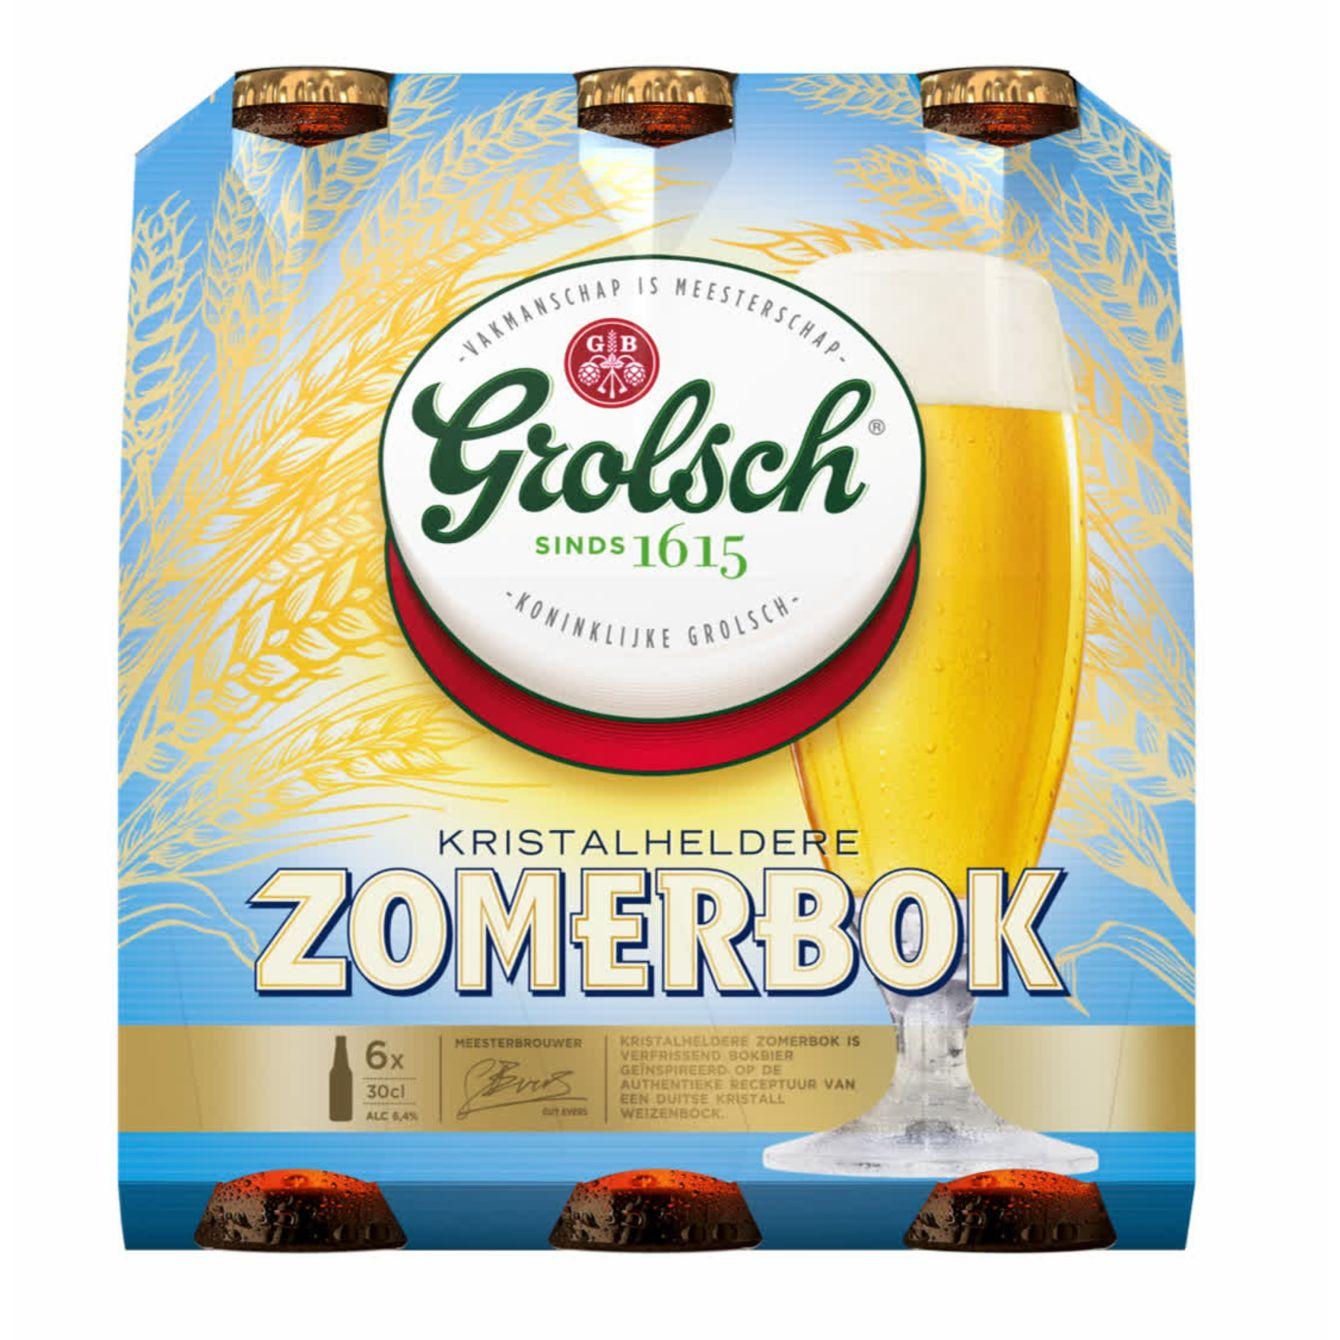 Grolsch Zomerbok Fles 6 X 30 Cl